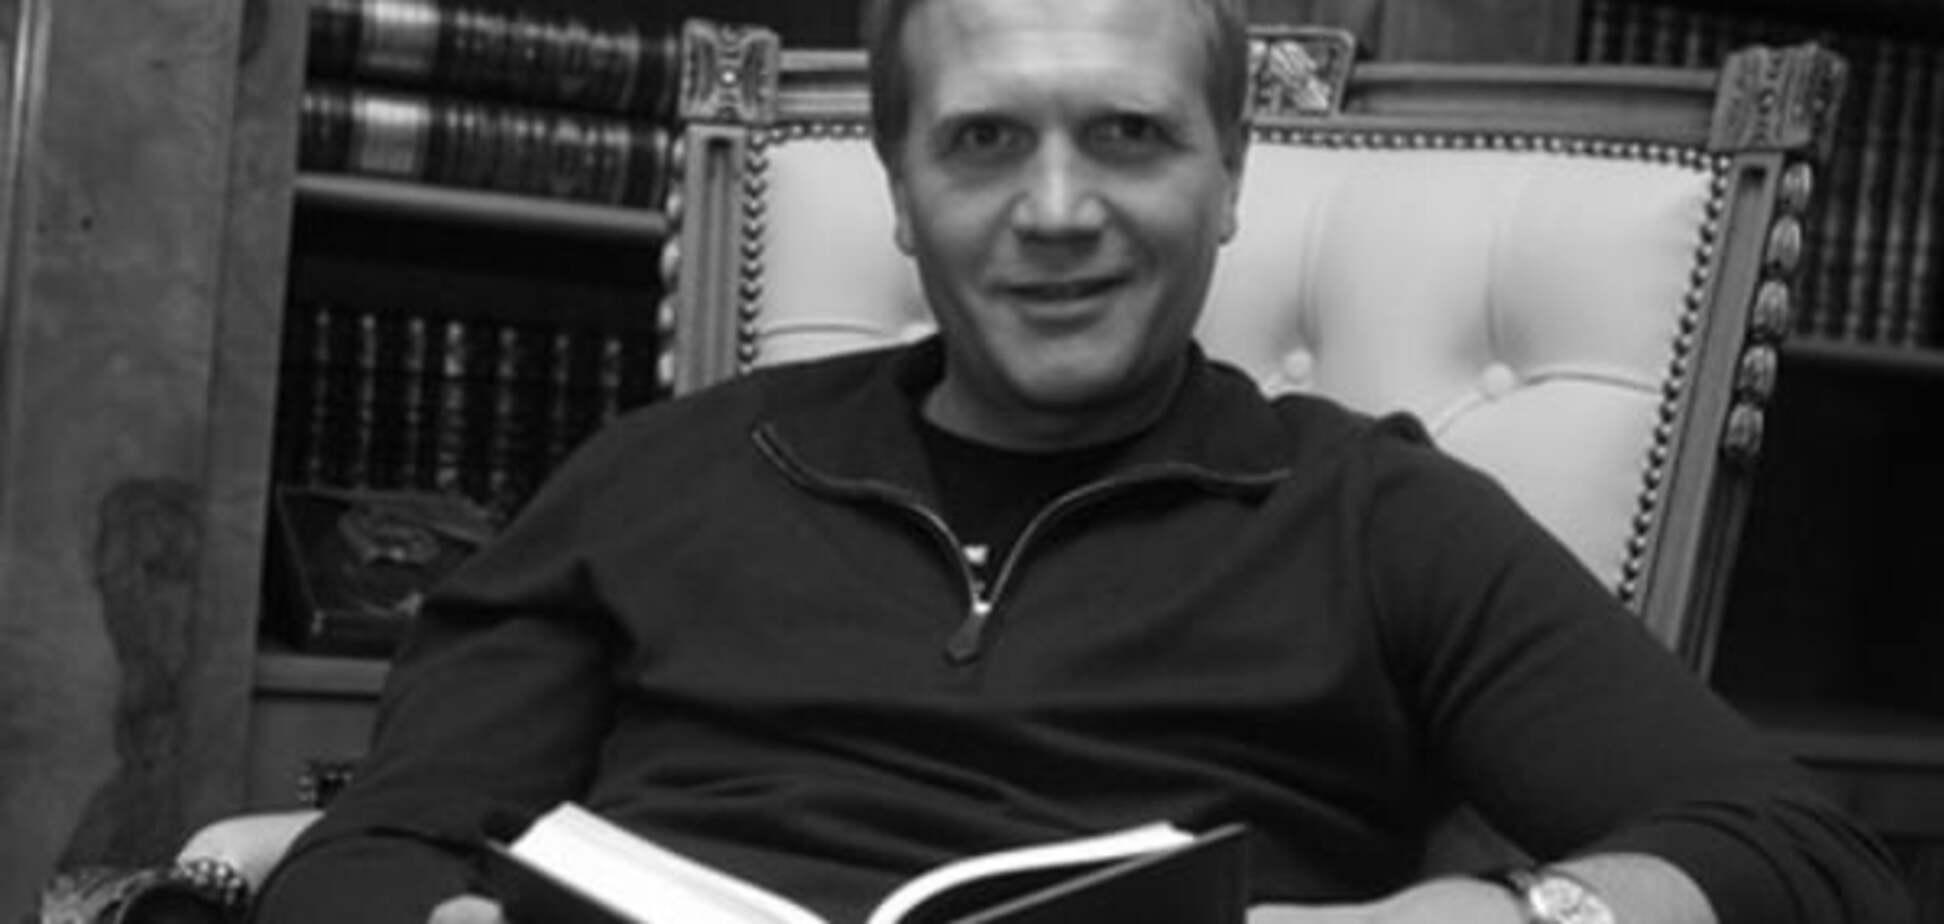 Російський бізнесмен знайдений повішеним у діловому центрі Москви